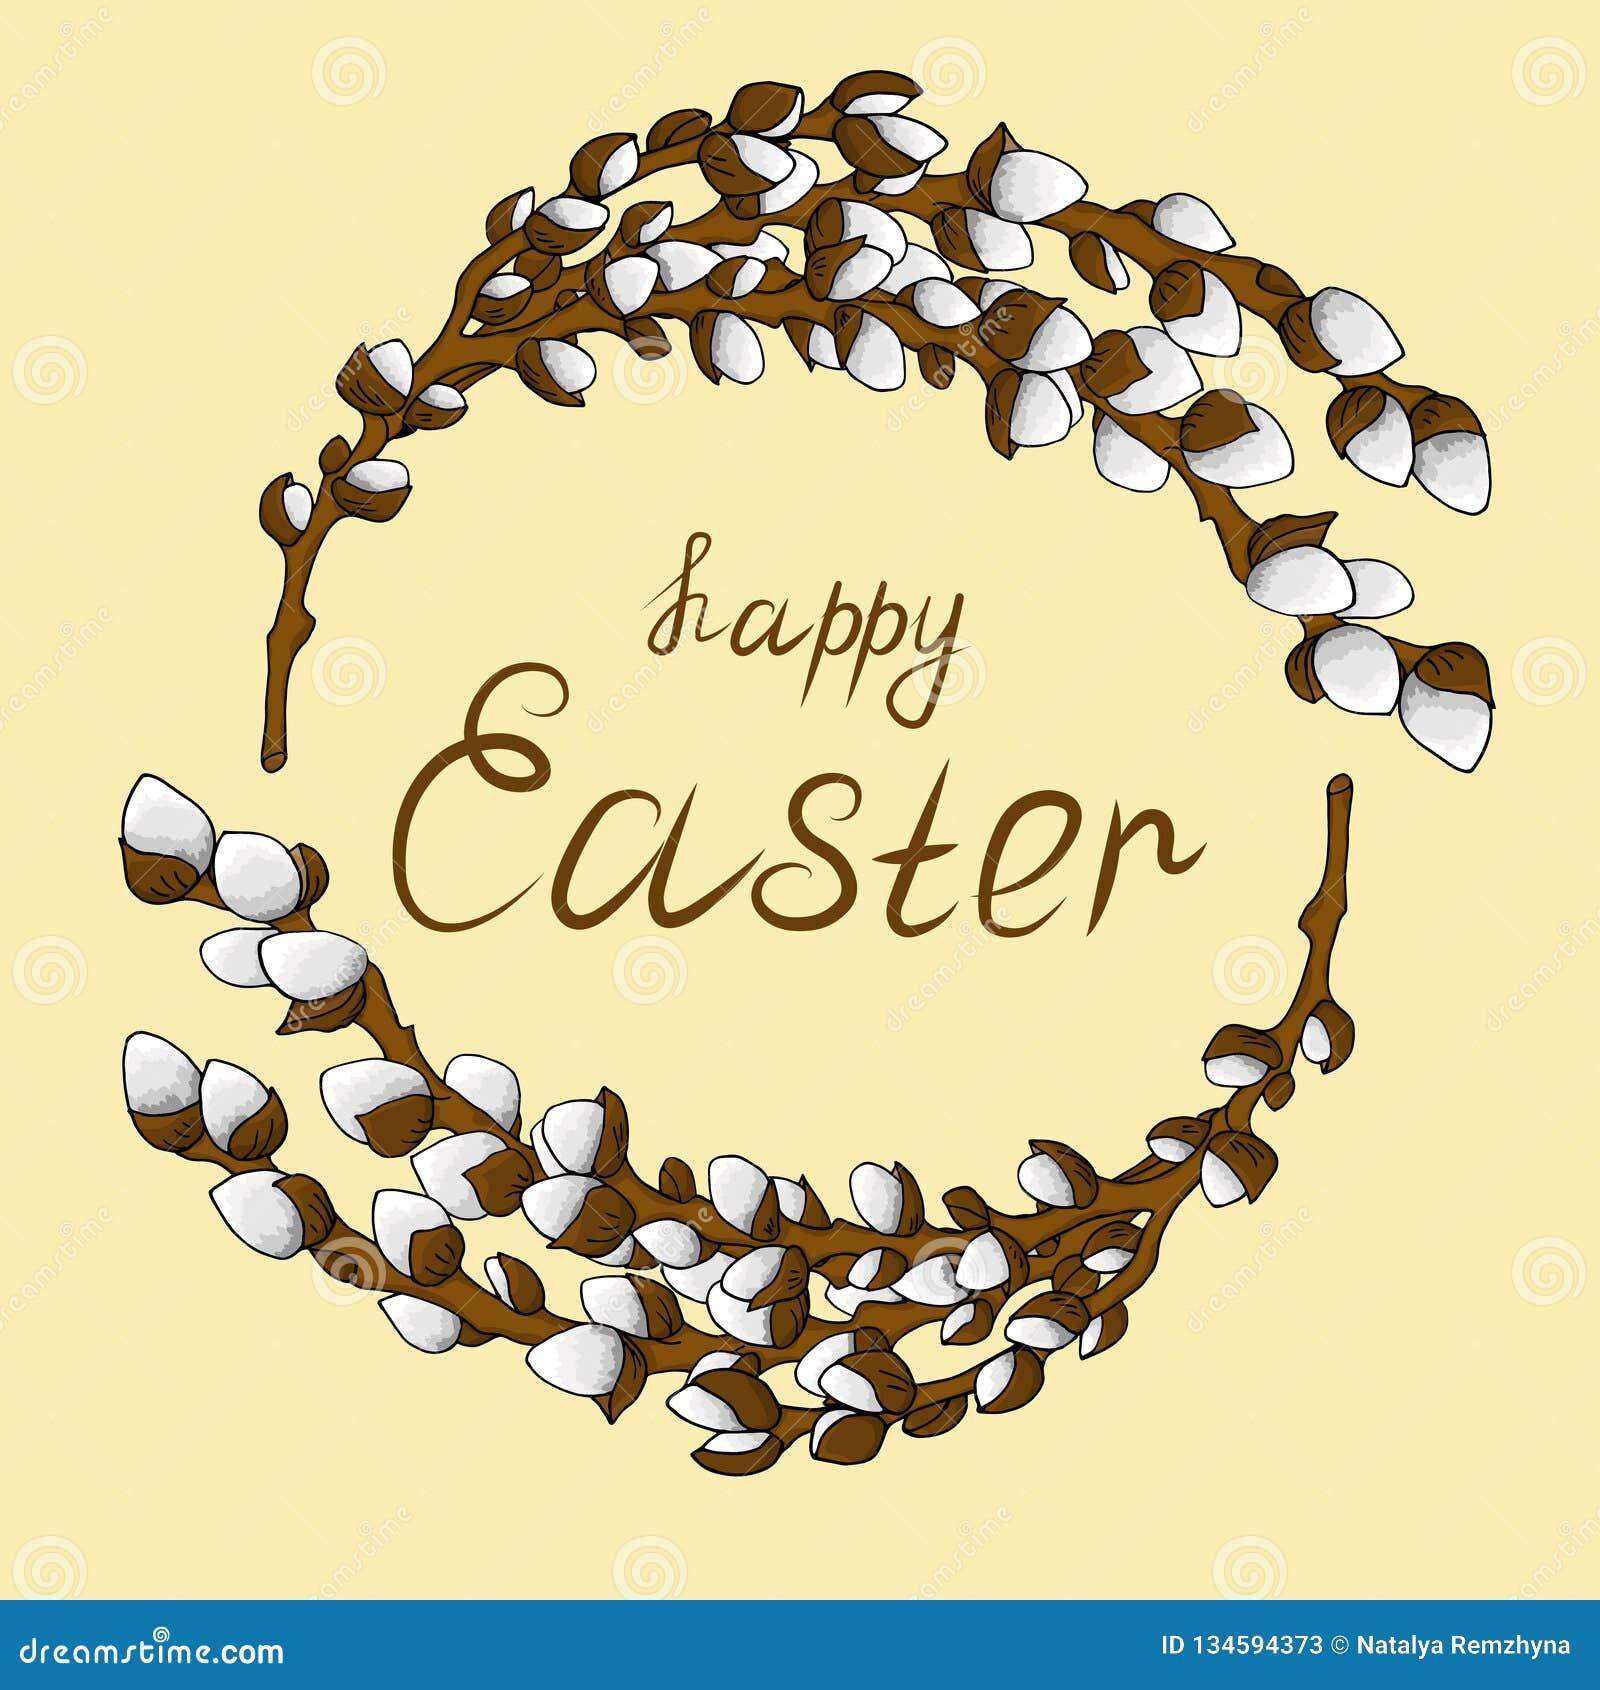 Kaderkroon voor tekst van jonge wilgentakken met open knoppen Gelukwensen op een gelukkige Pasen